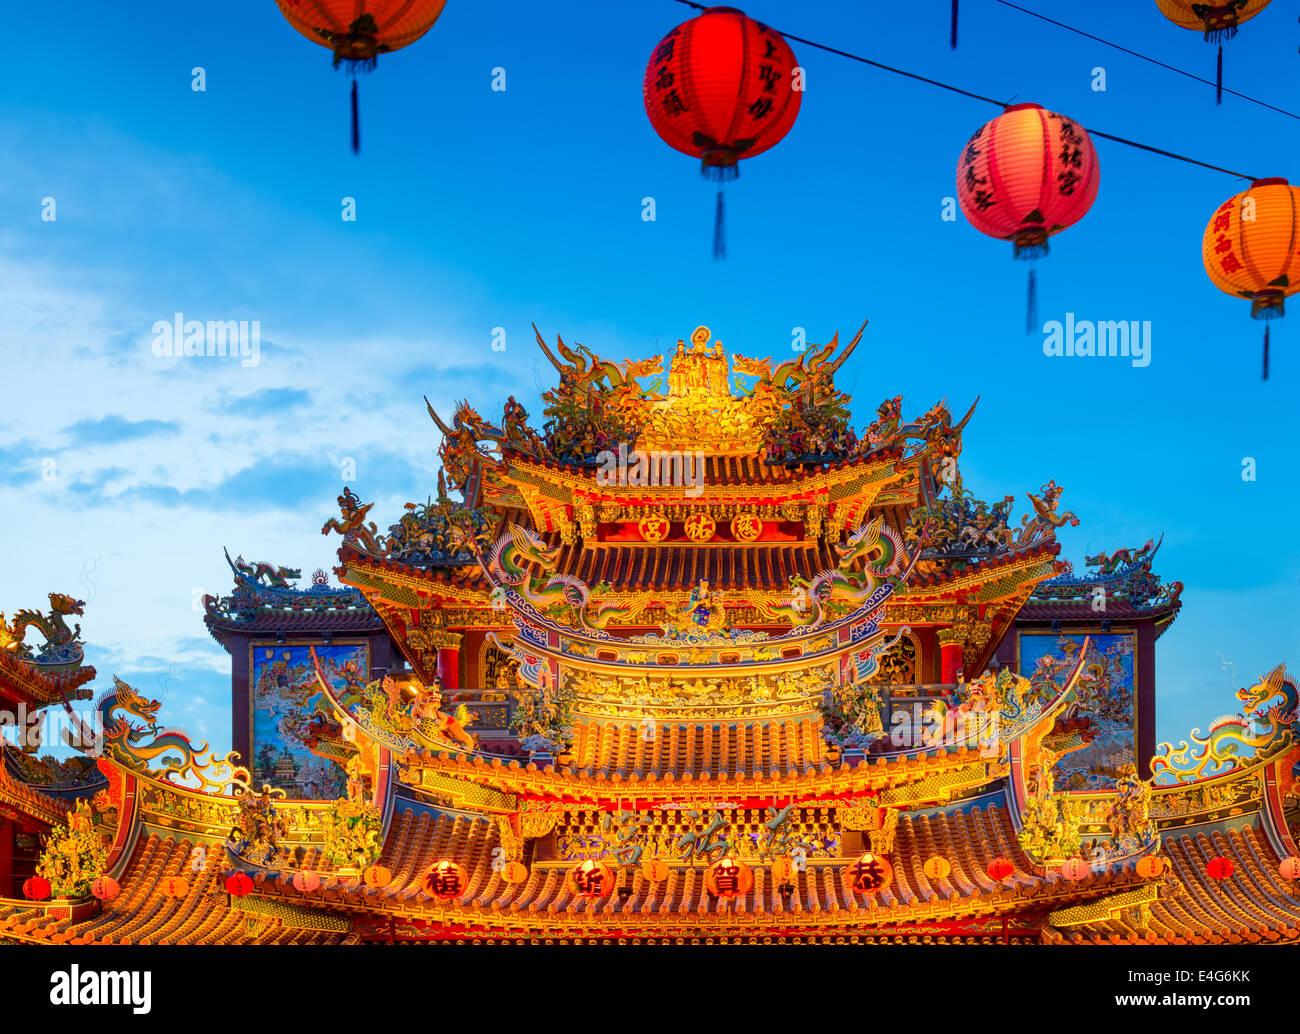 Ciyou Templo Taoísta en la noche. Taipei, Taiwán. Imagen De Stock